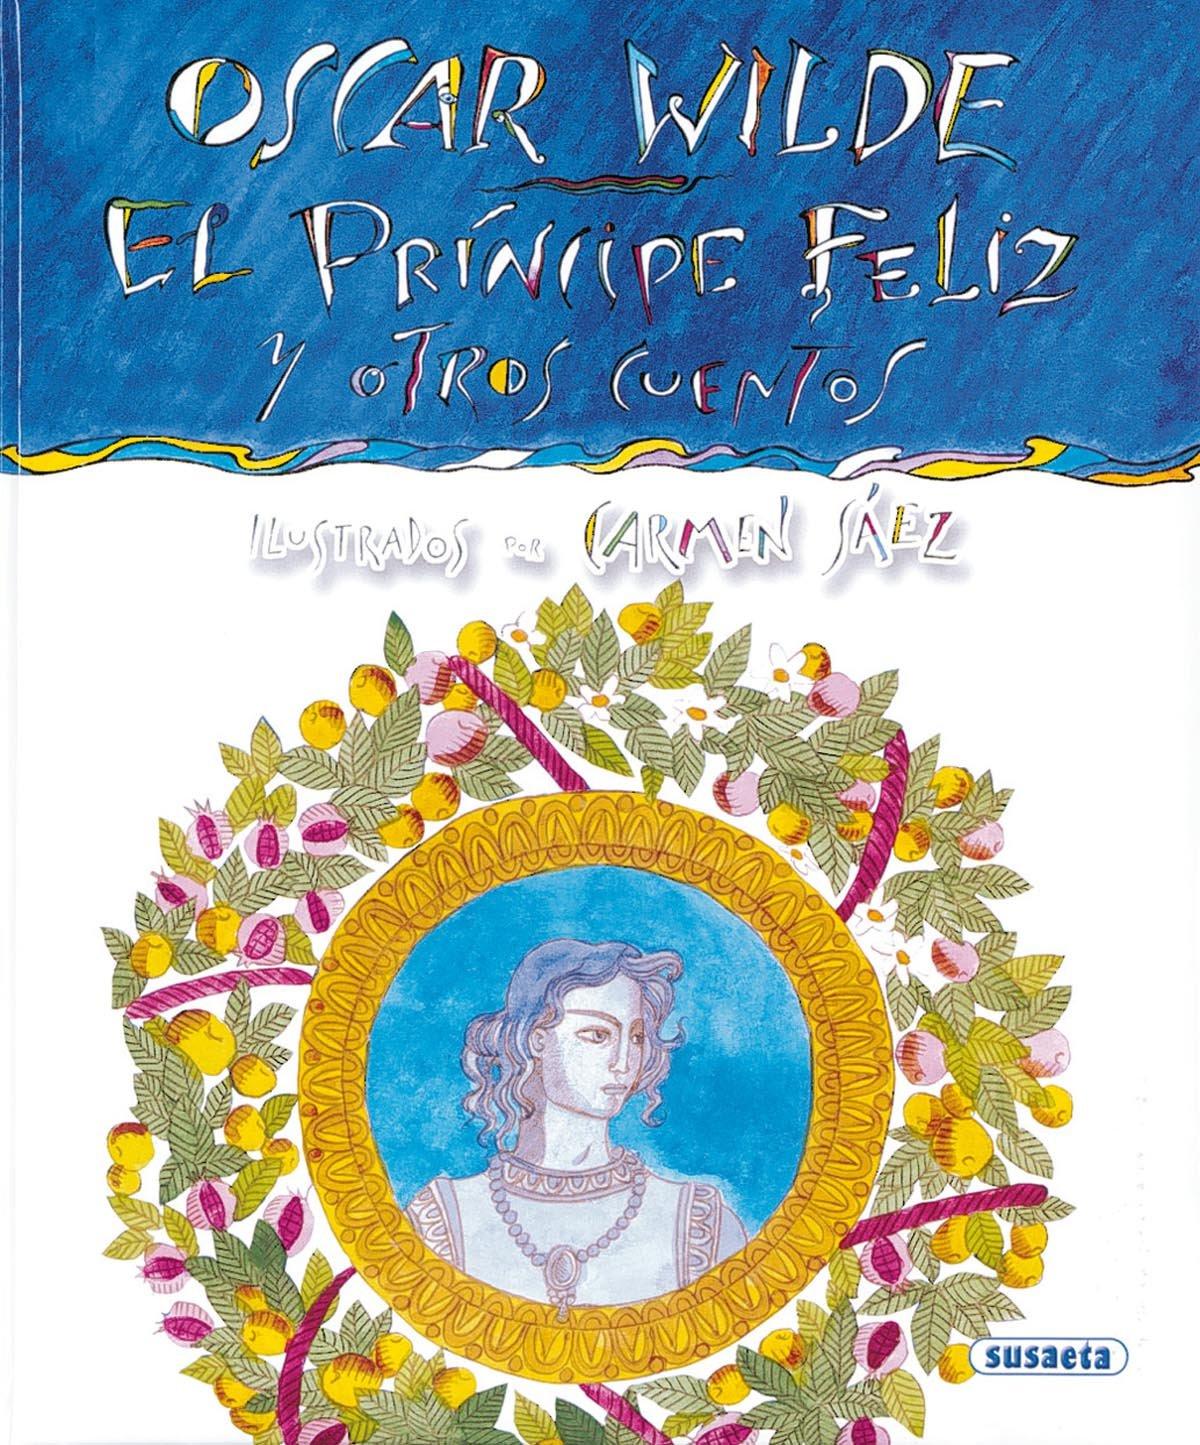 Oscar Wilde: El príncipe feliz y otros cuentos (Autores Célebres) (Spanish Edition) pdf epub